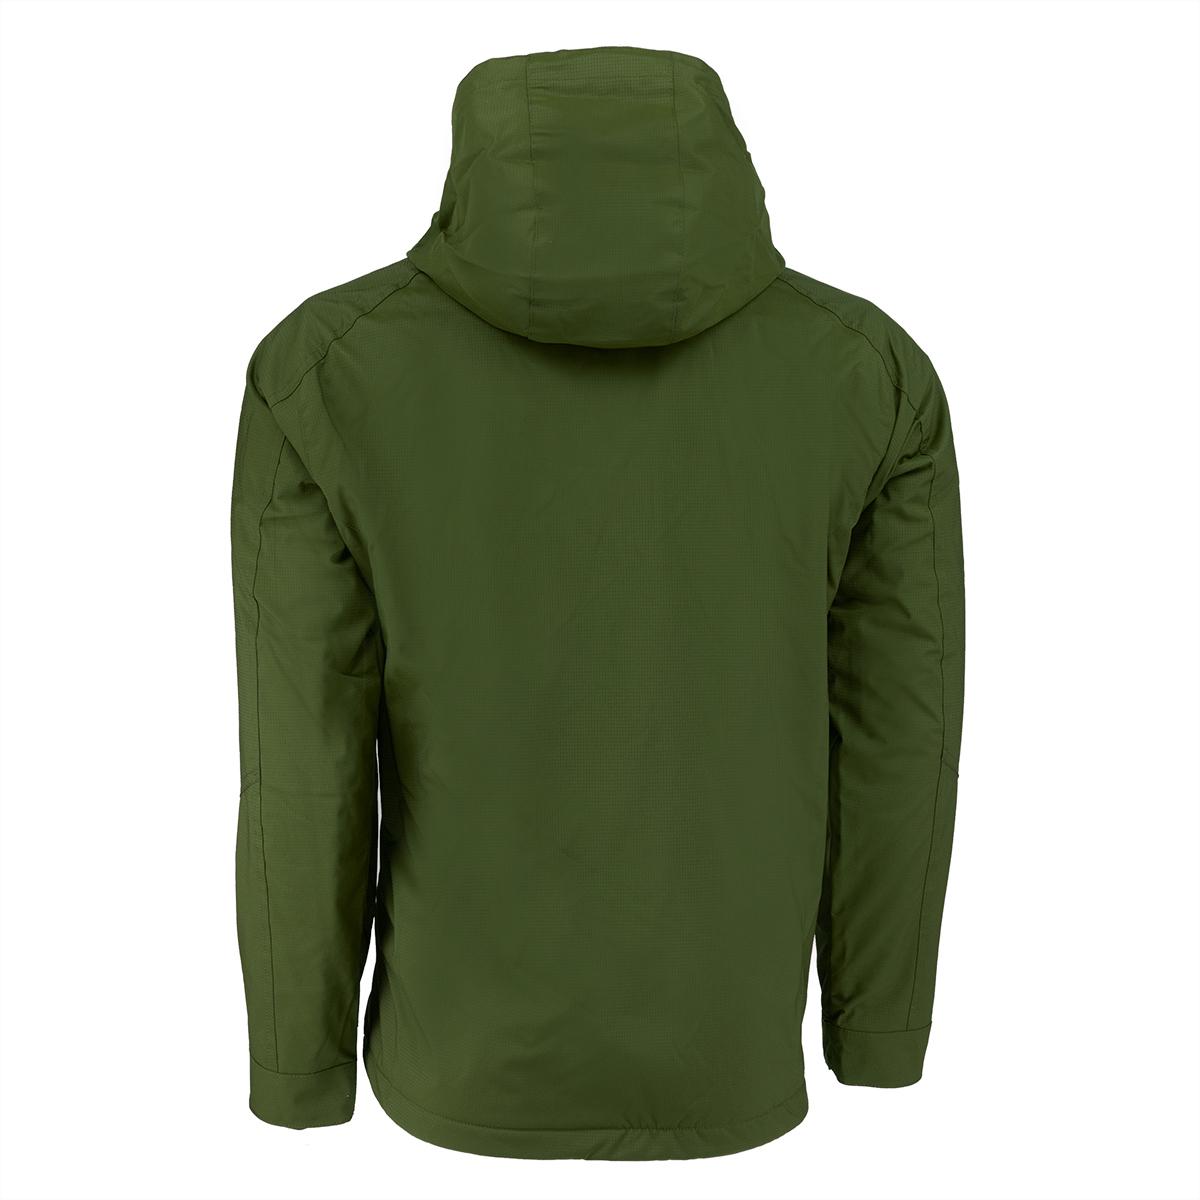 IZOD-Men-039-s-Midweight-Polar-Fleece-Lined-Jacket thumbnail 20